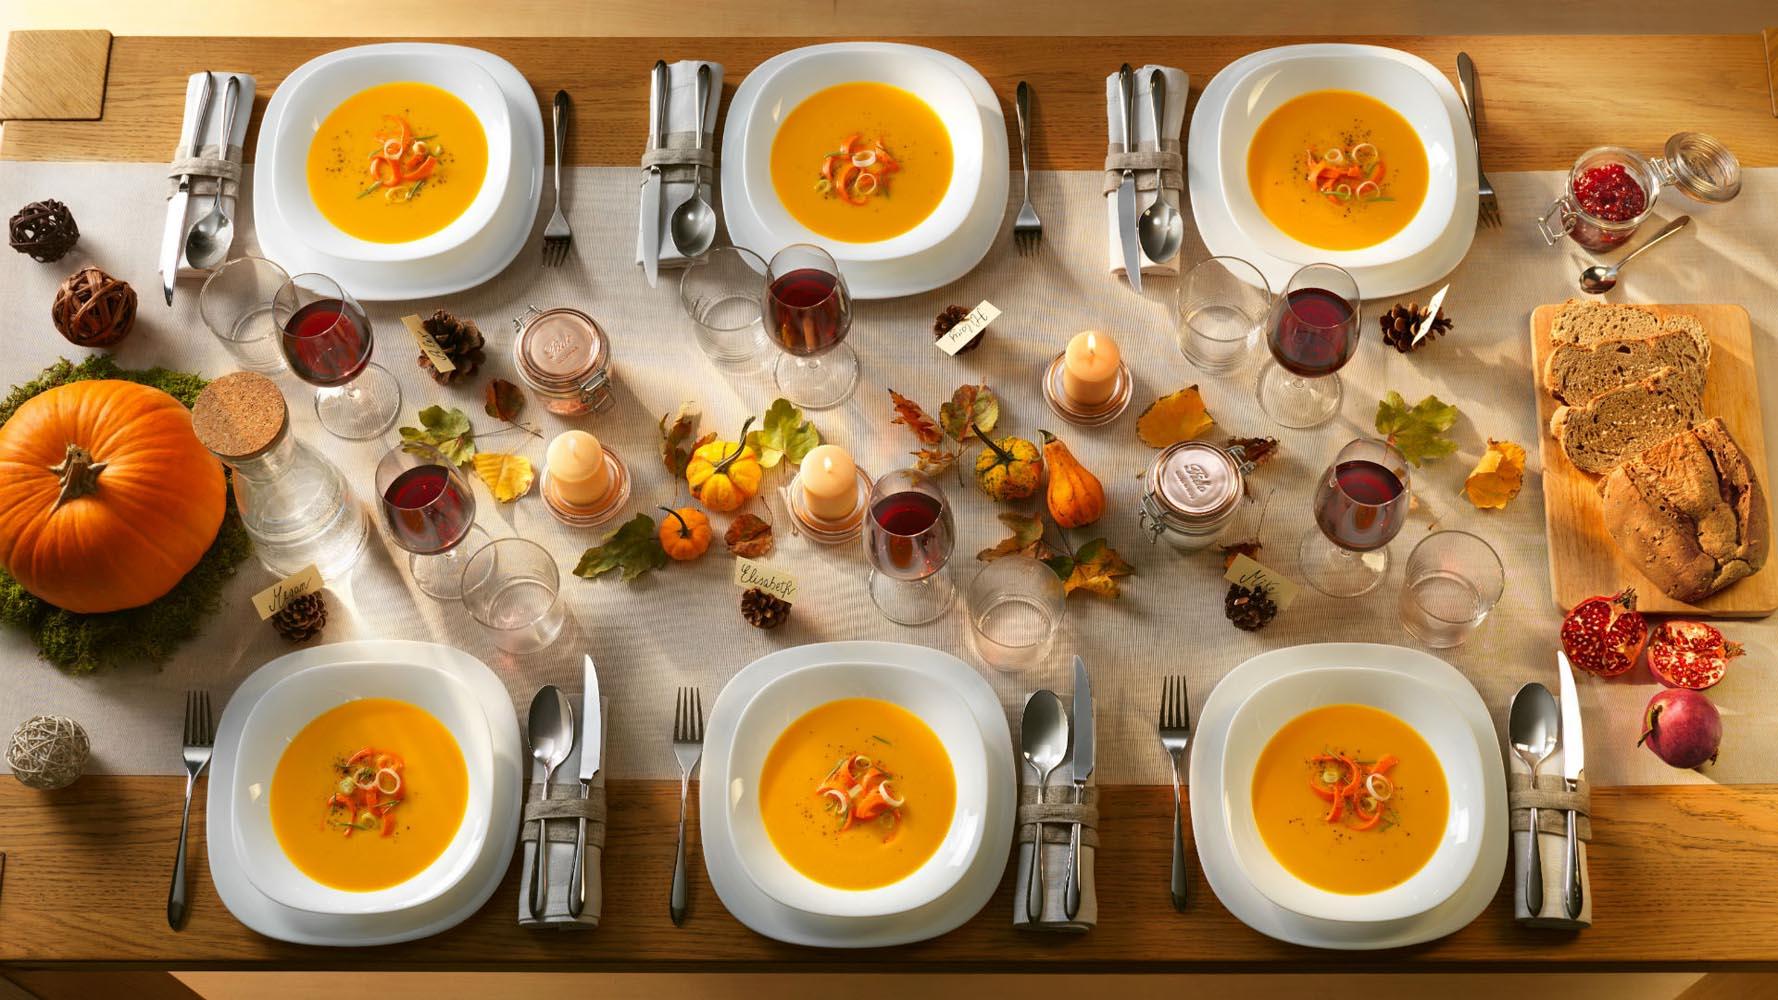 31 ottobre: cena autunnale alla Don Giordano!